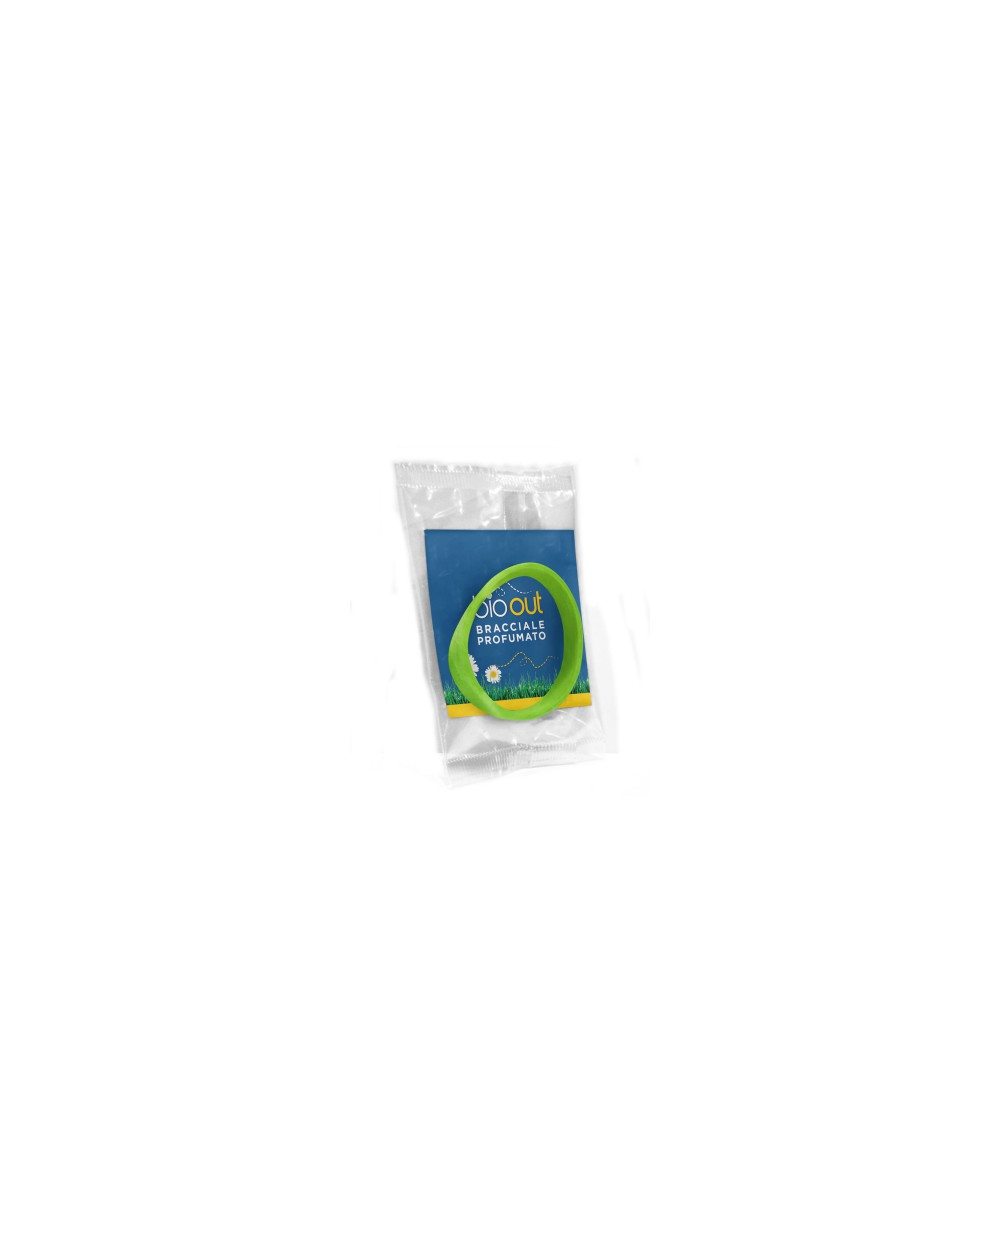 Bio Out - Bracciale profumato antizanzare